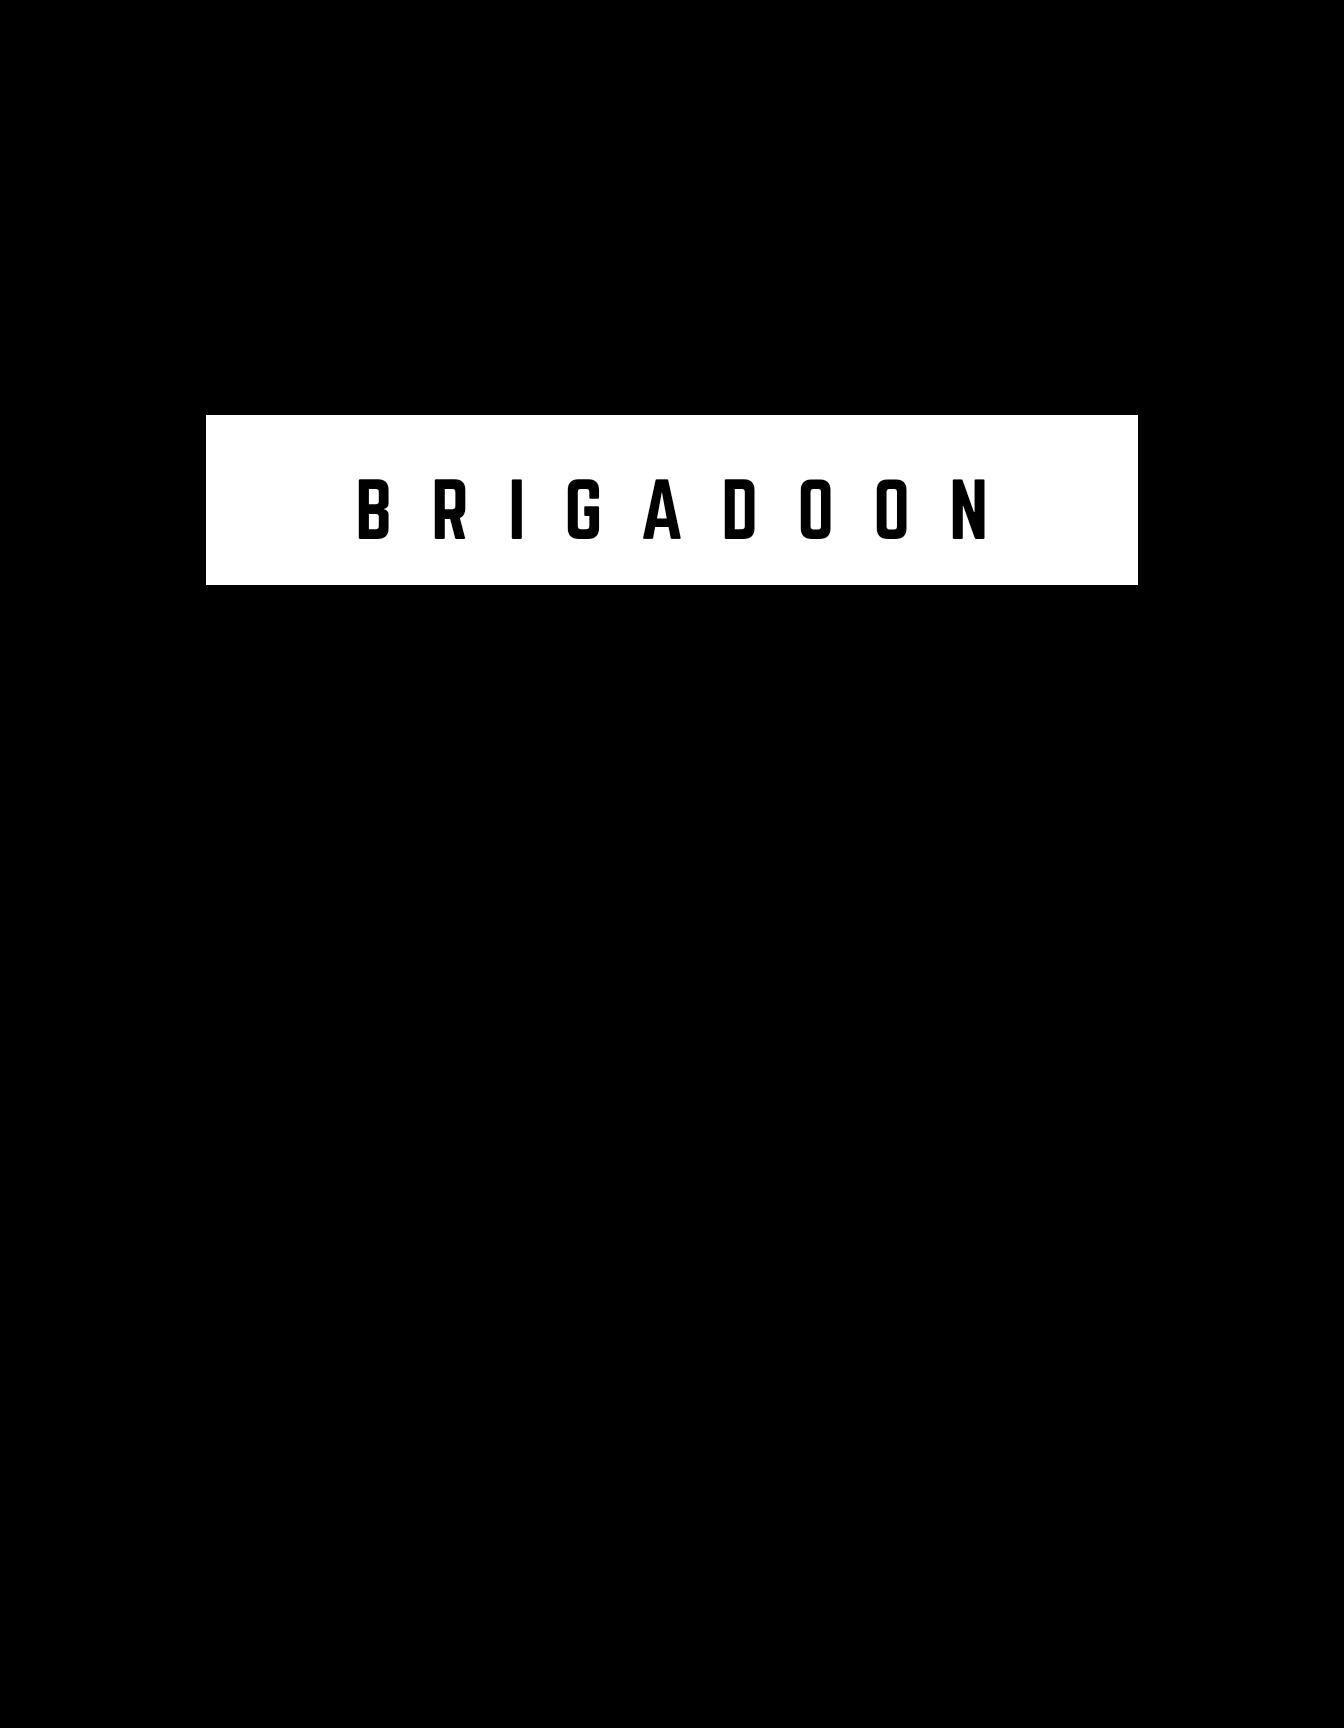 Brigadoon 10.png